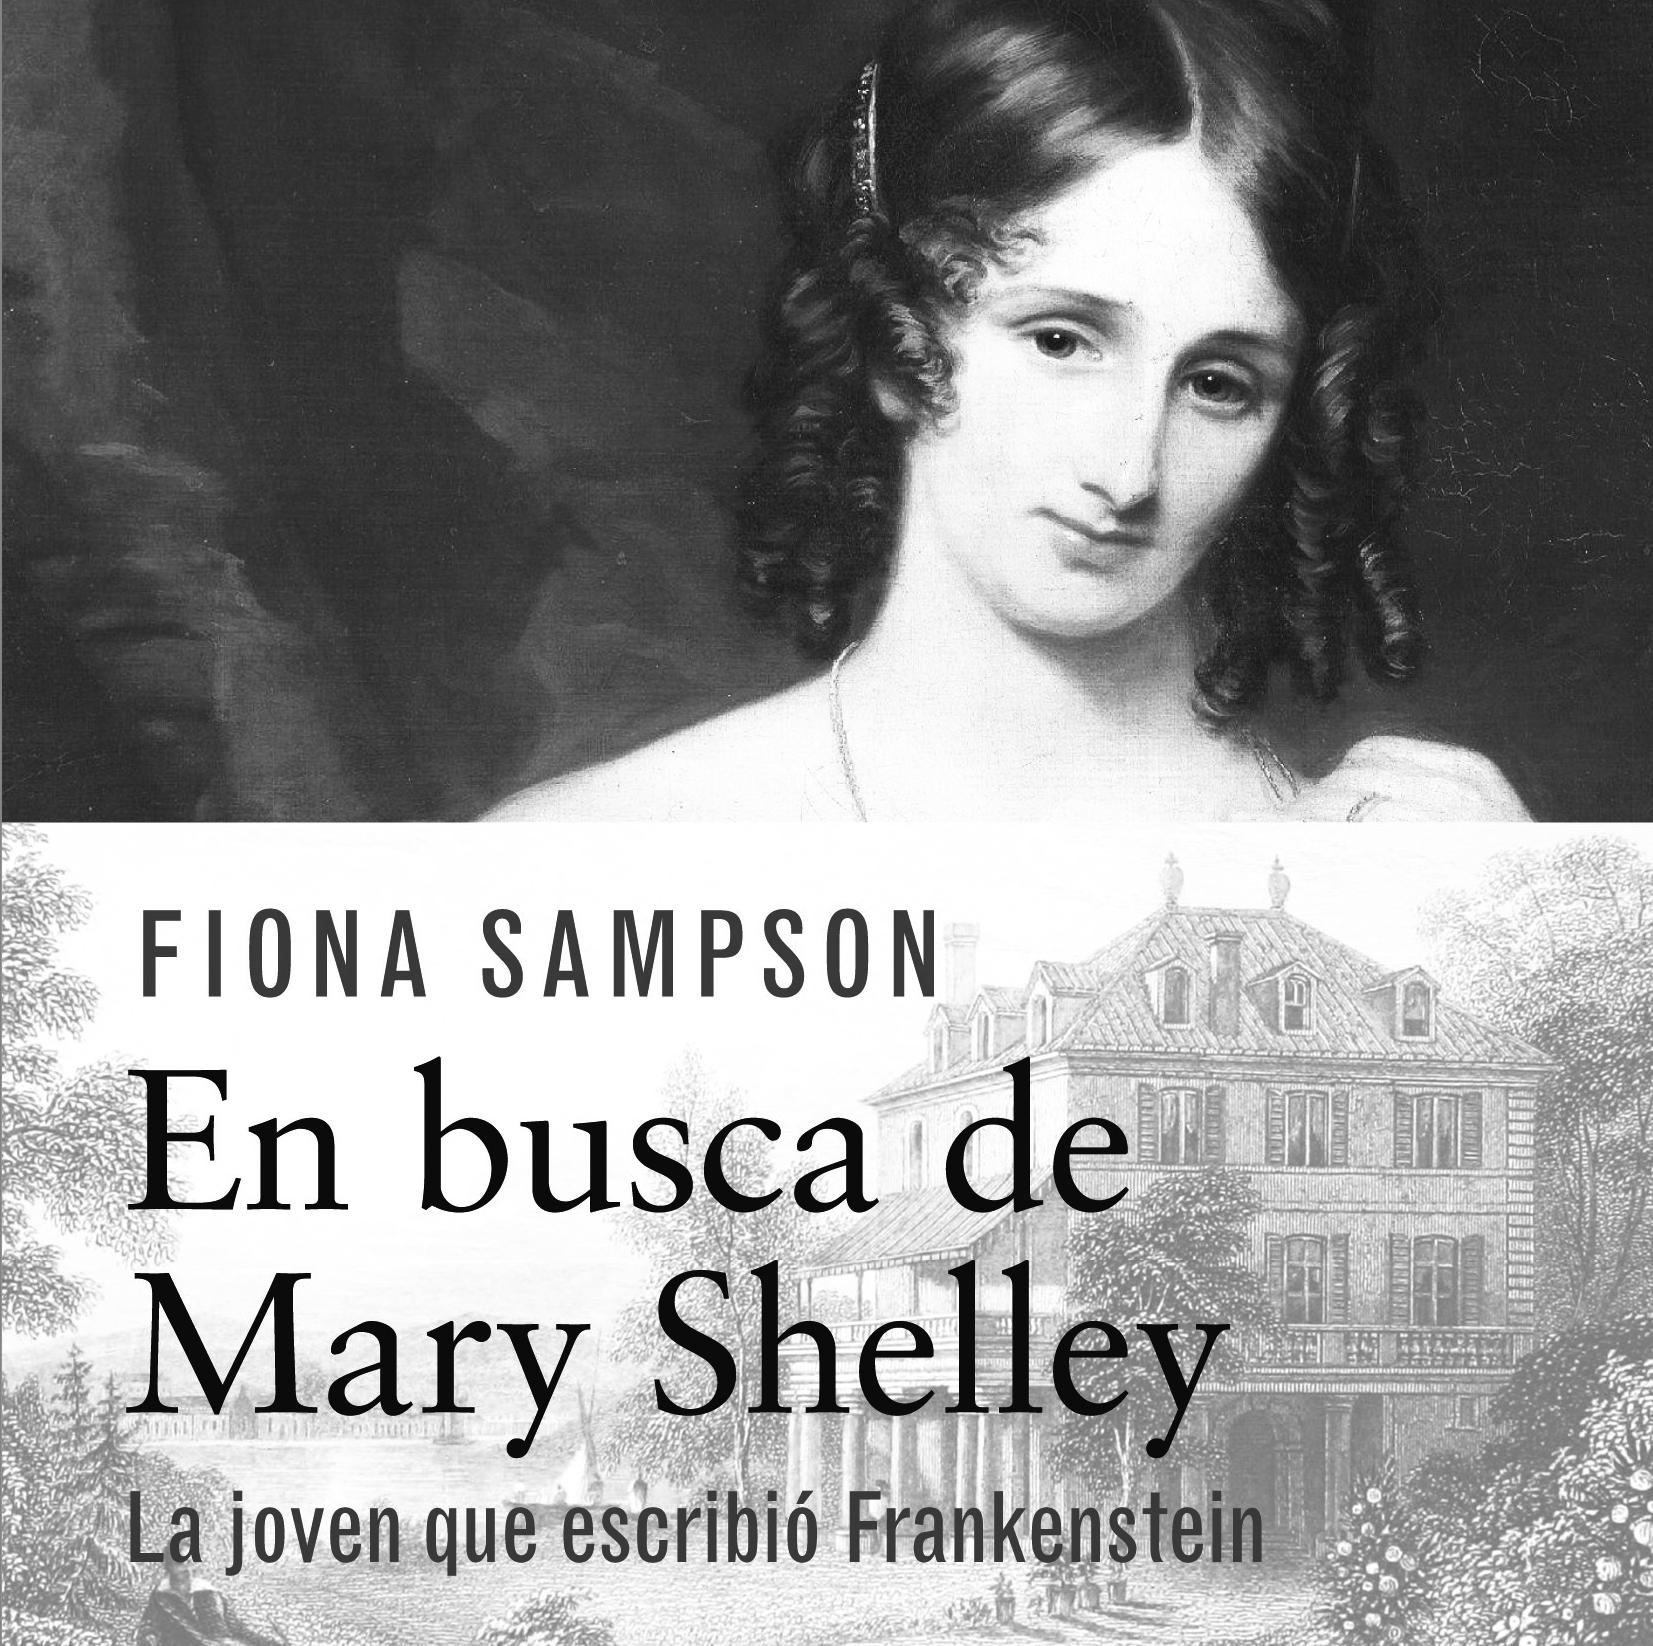 En busca de Mary Shelley Fiona Sampson